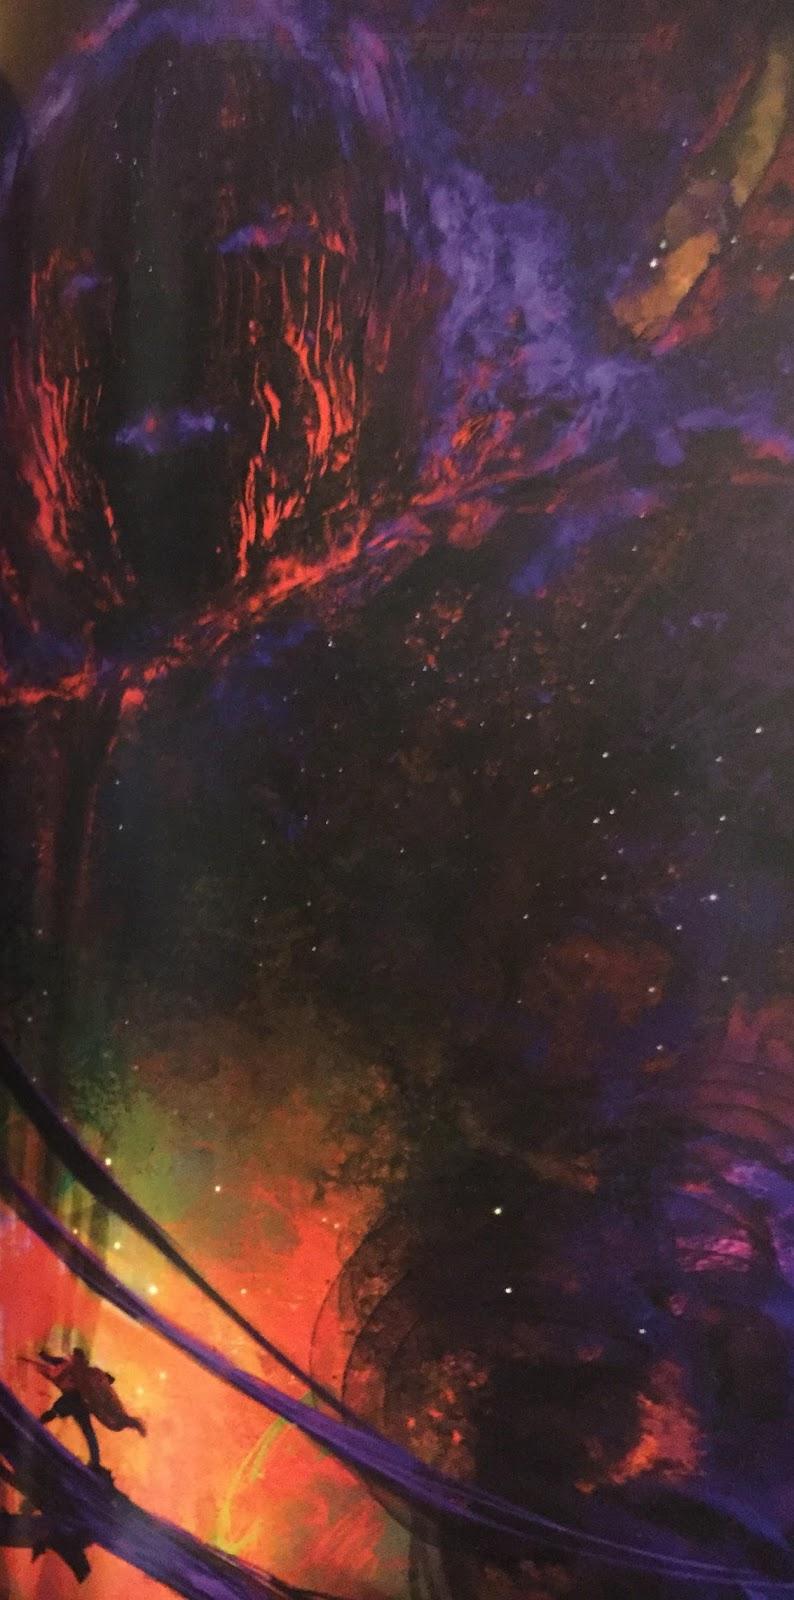 Trùm cuối trong Doctor Strange đã có thể ngầu và đáng sợ hơn nhiều - ảnh 3